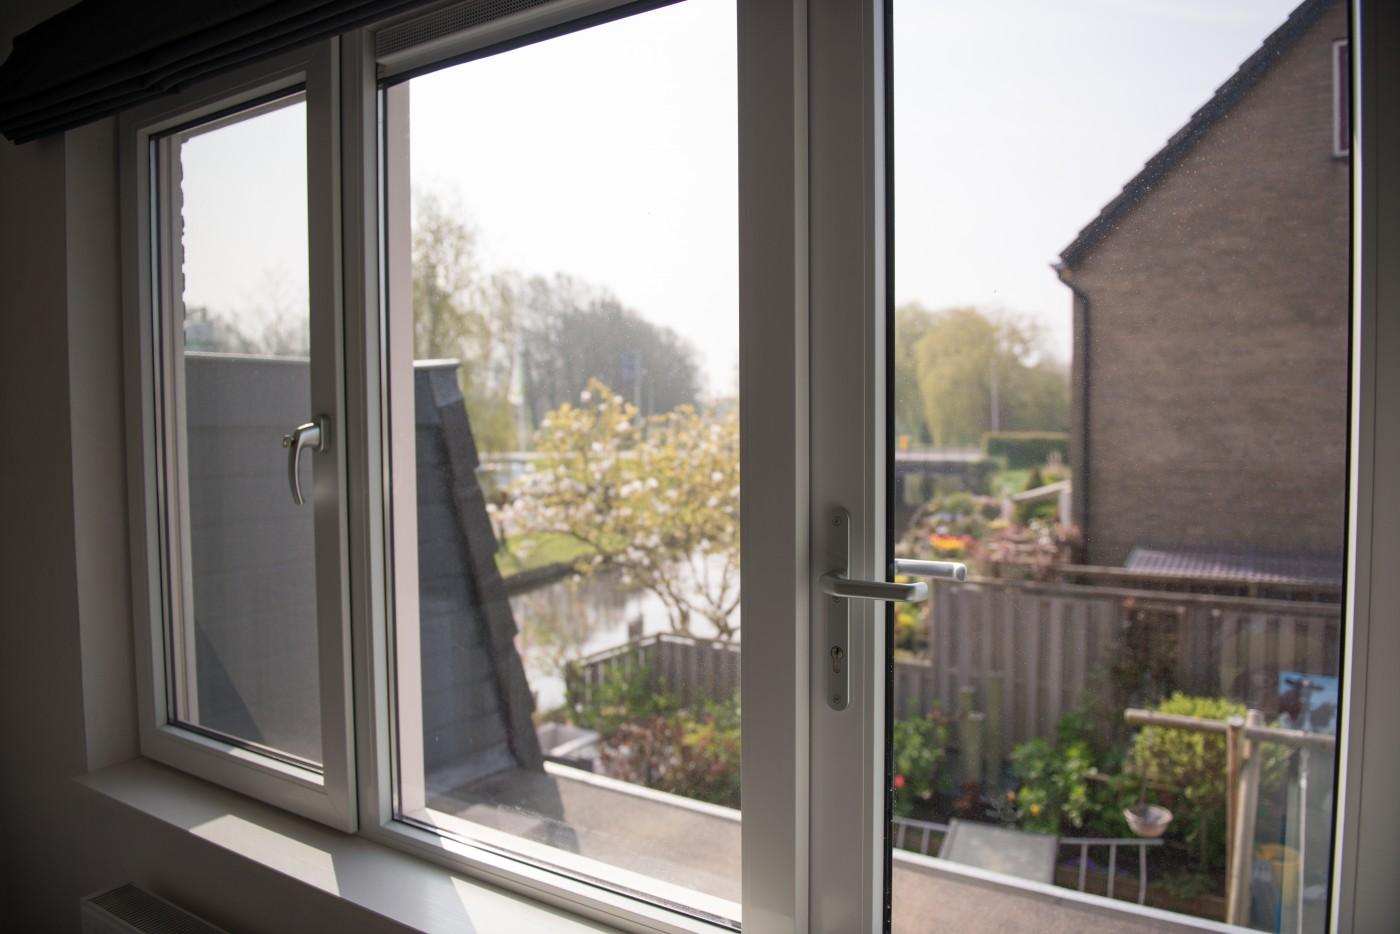 Kunststof wandpanelen binnen kunststof wandpanelen kerradeco milin b v hdm wandpanelen - Deco buitenkant idee ...